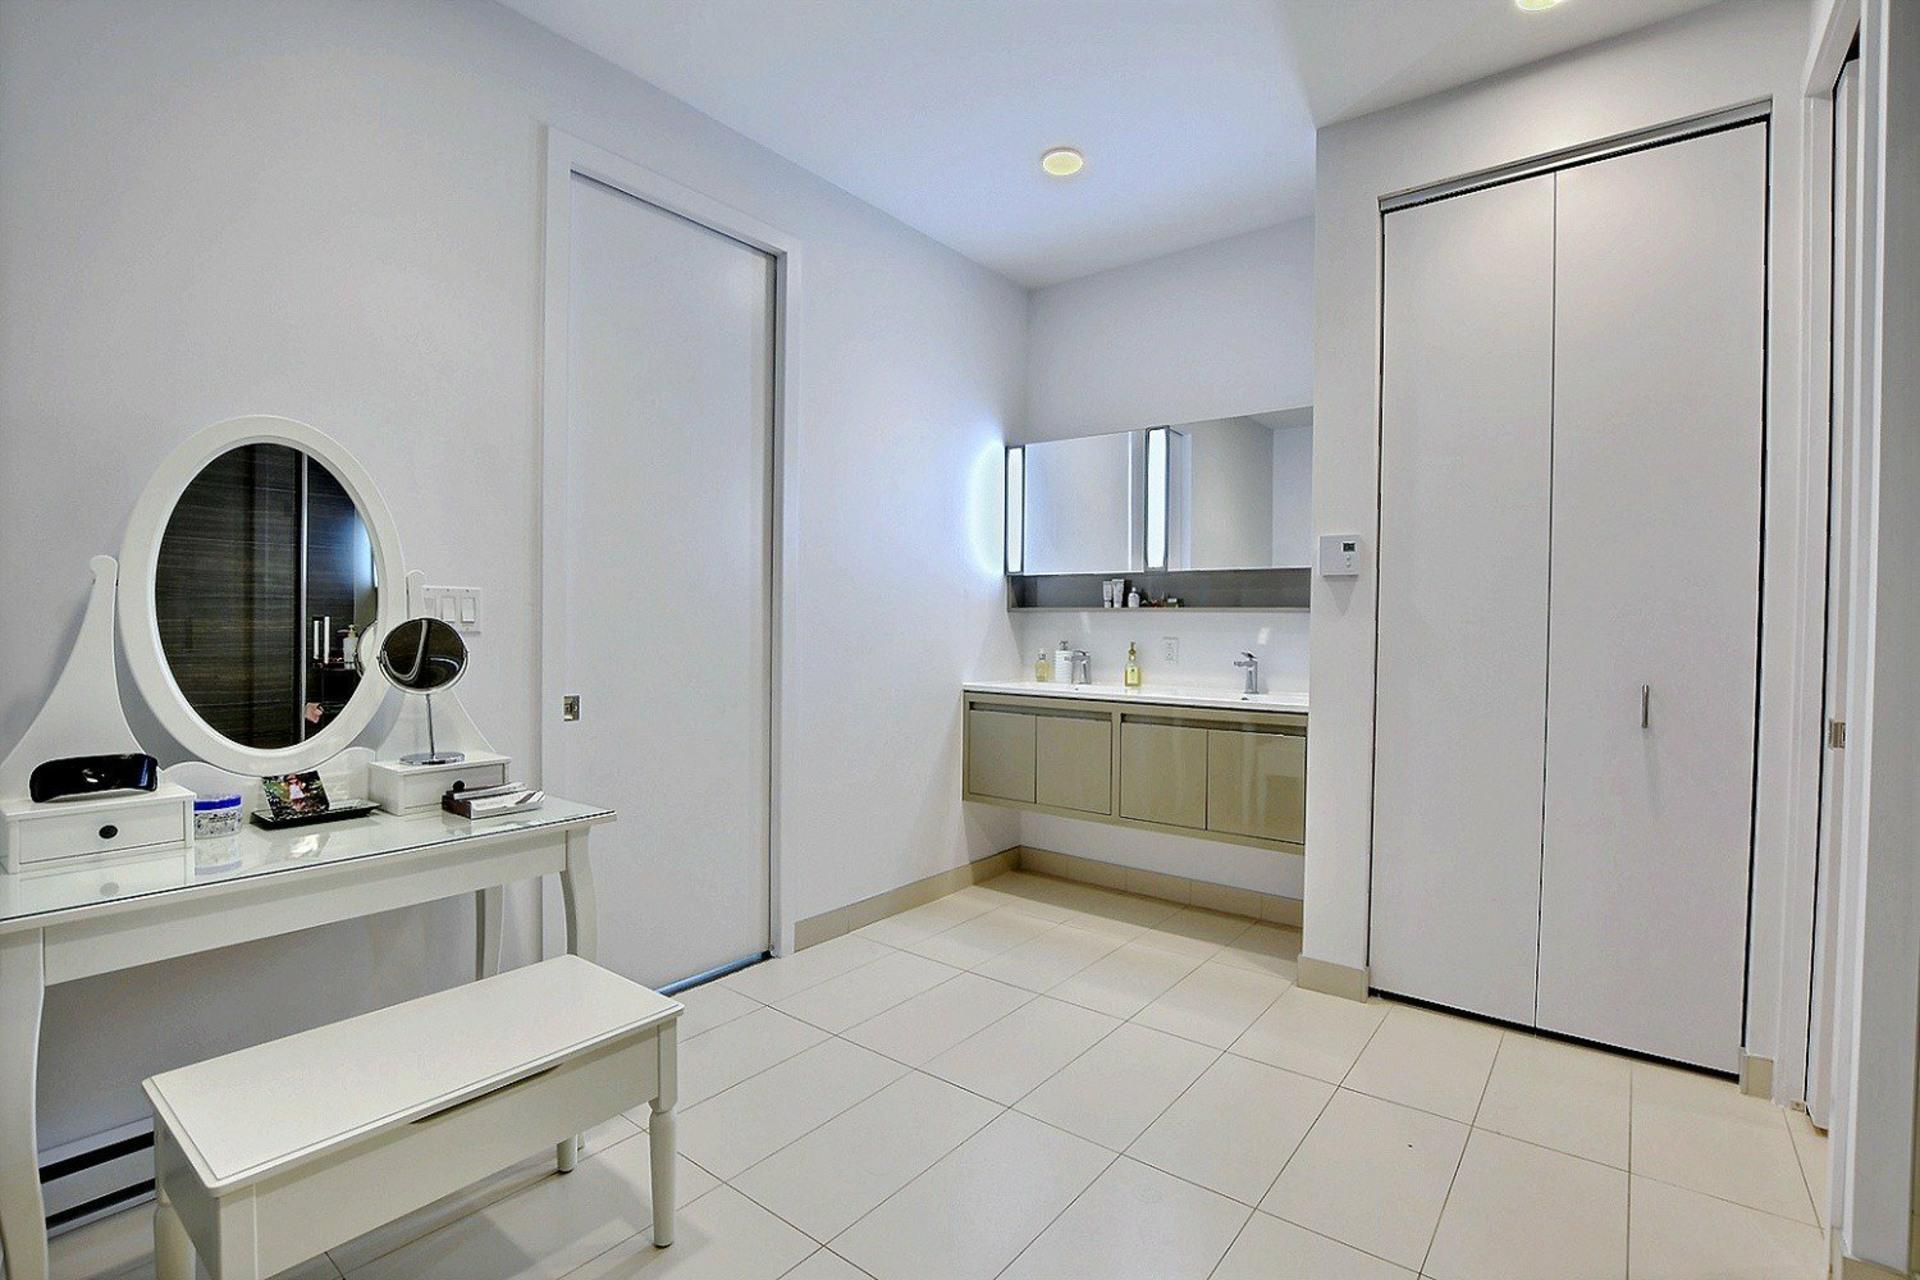 image 21 - Appartement À louer Ville-Marie Montréal  - 7 pièces